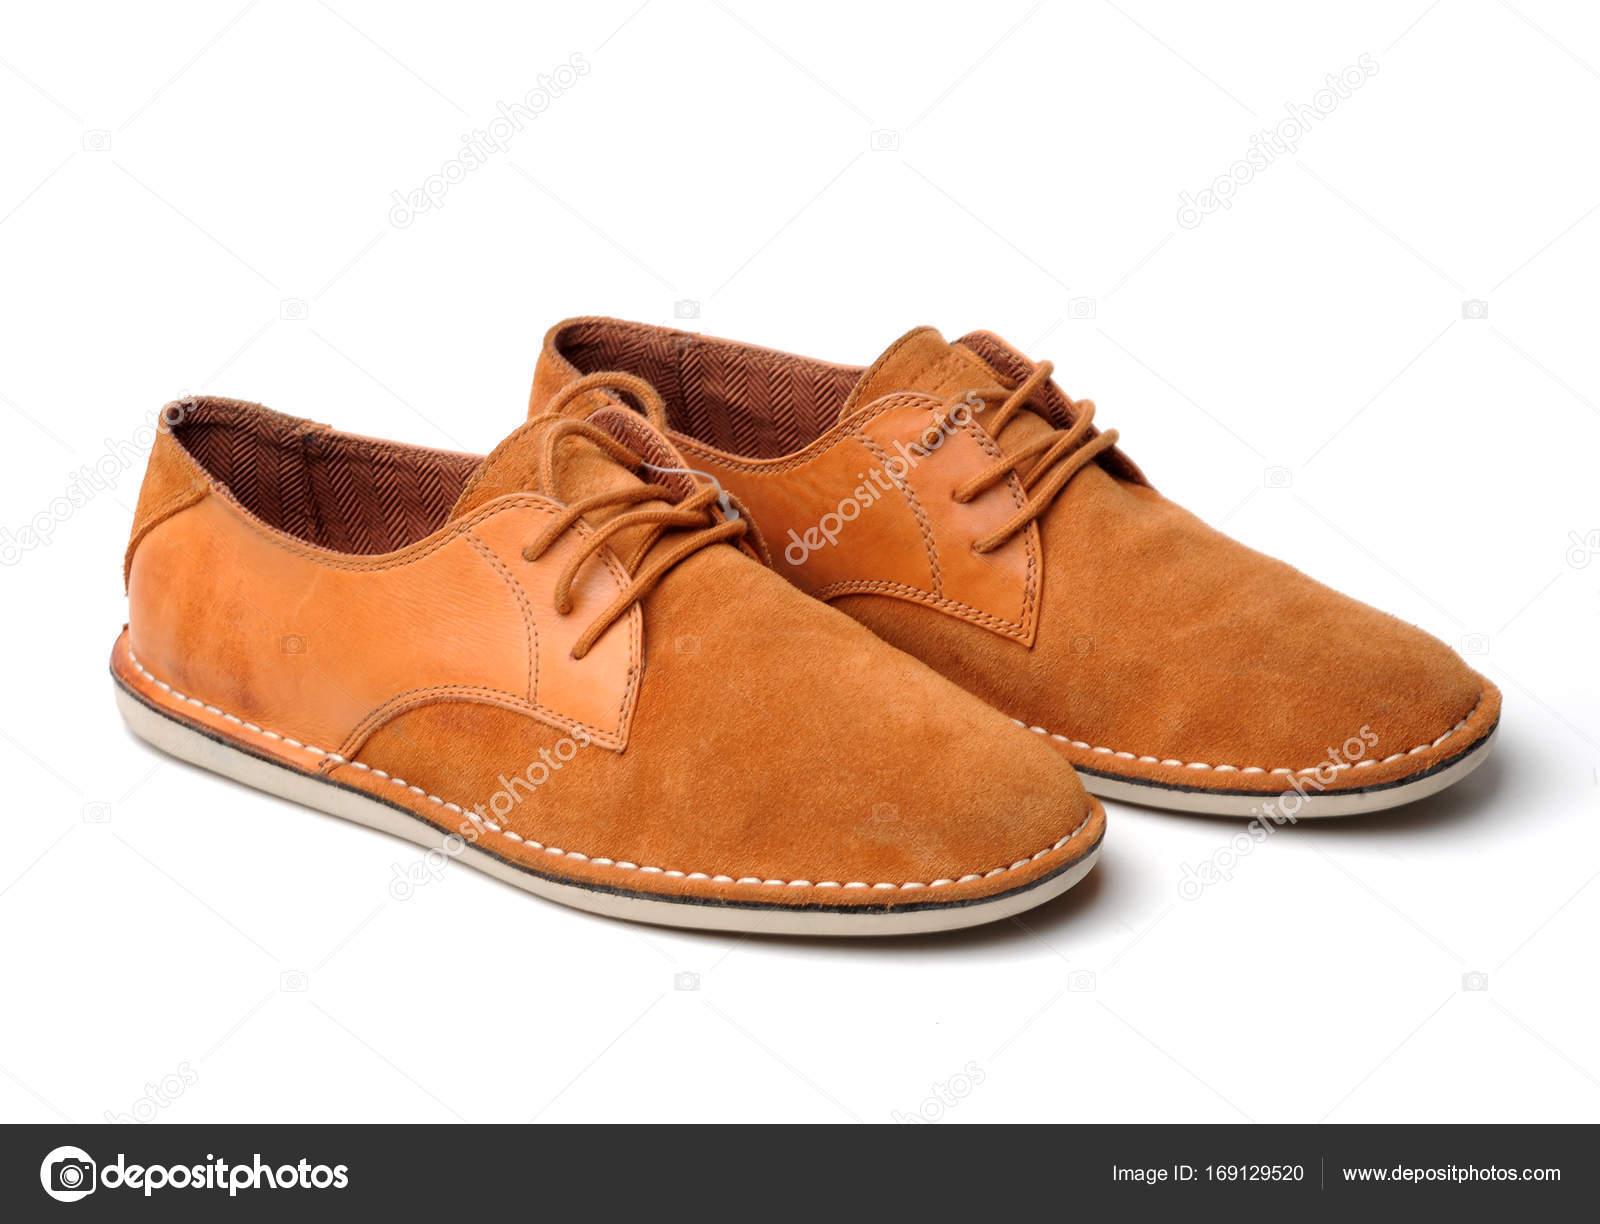 7358dc3f34 Zapatos de cuero de hombre rojo aislados sobre fondo blanco. Calzado  ejecutivo de cuero marrón. Botas de moda naturaleza muerta — Foto de ...